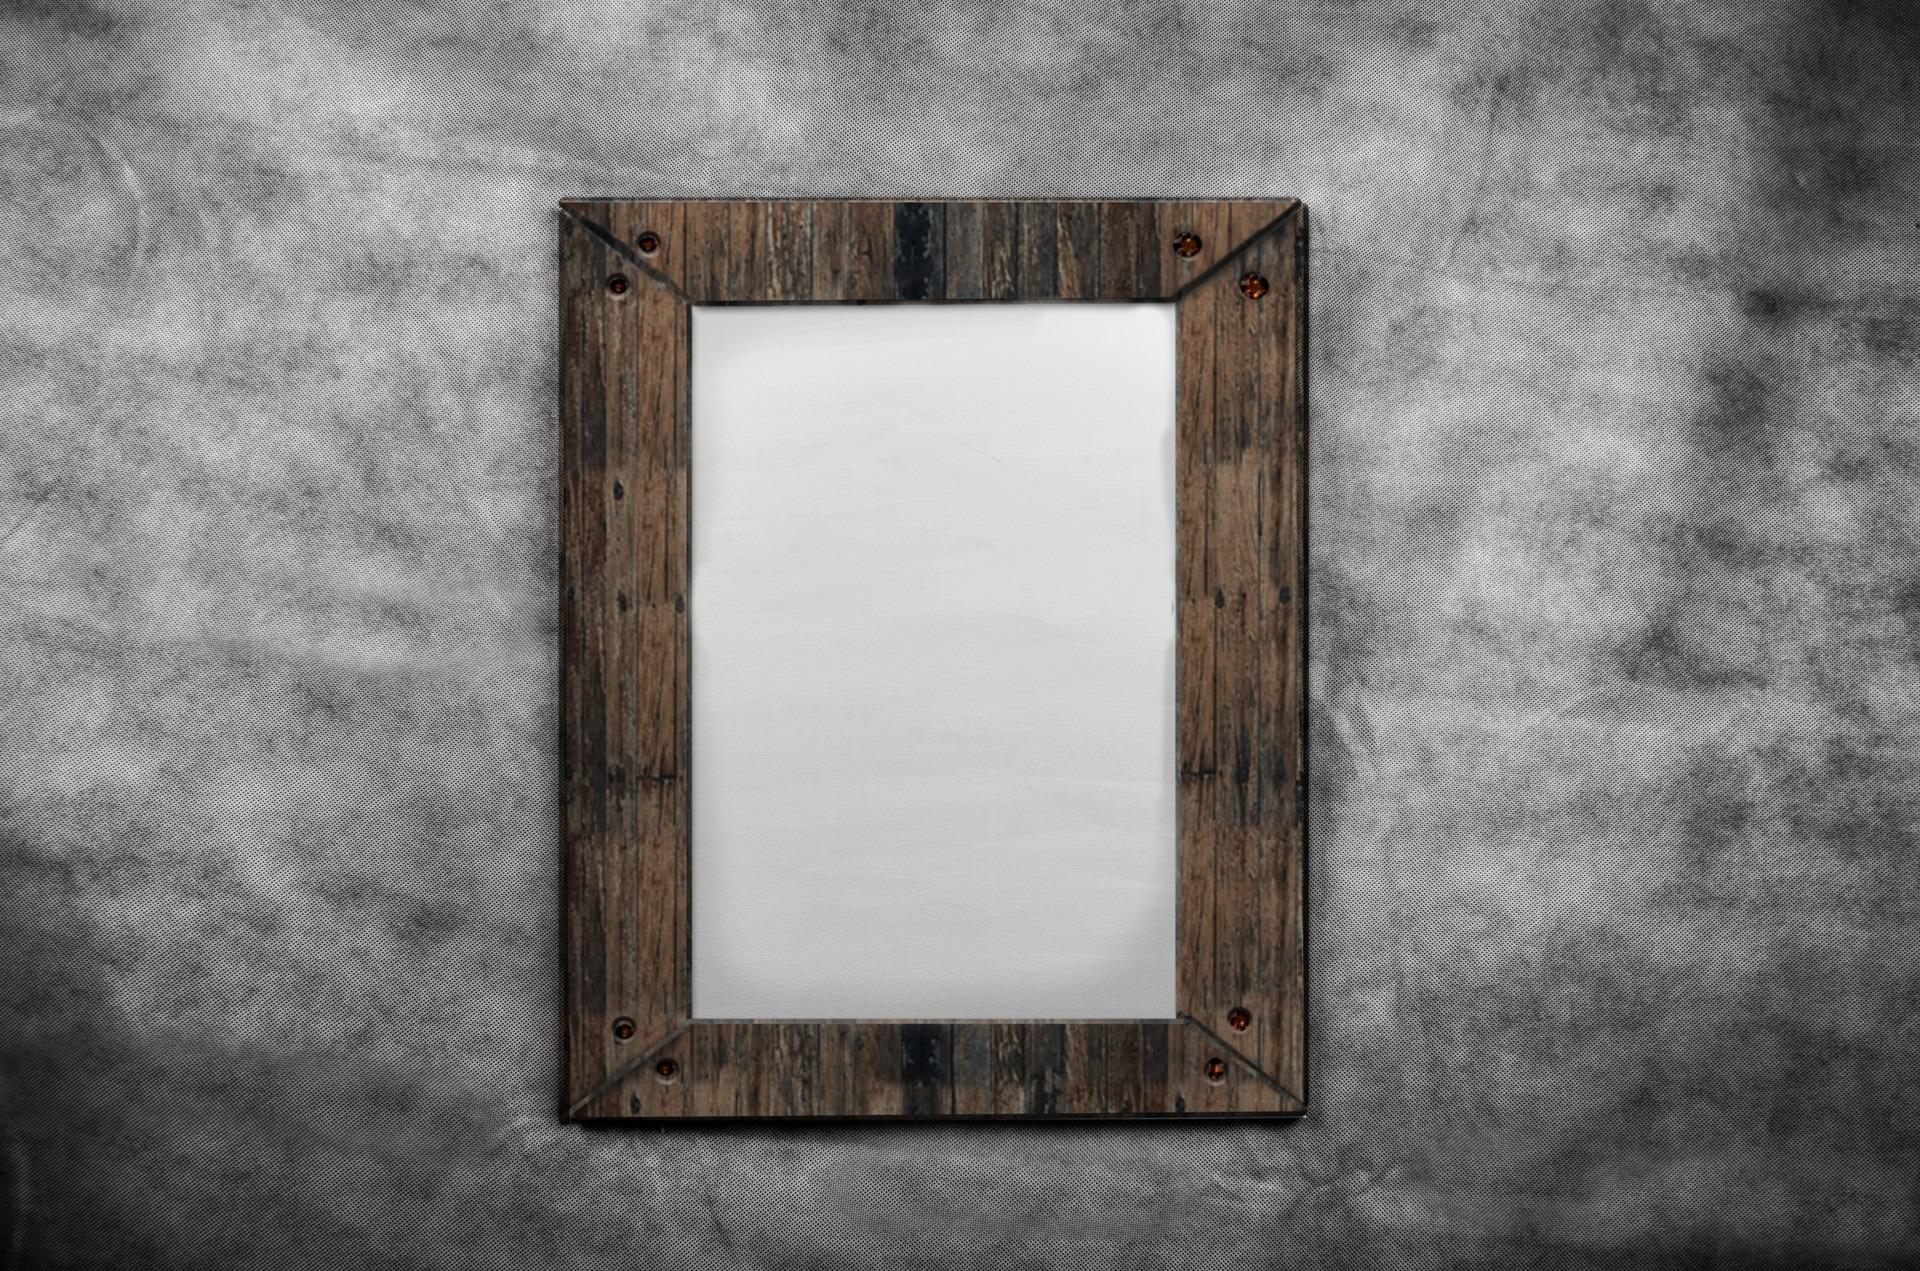 Kostenlose foto : kreativ, Schwarz und weiß, Holz, Weiß, Retro ...